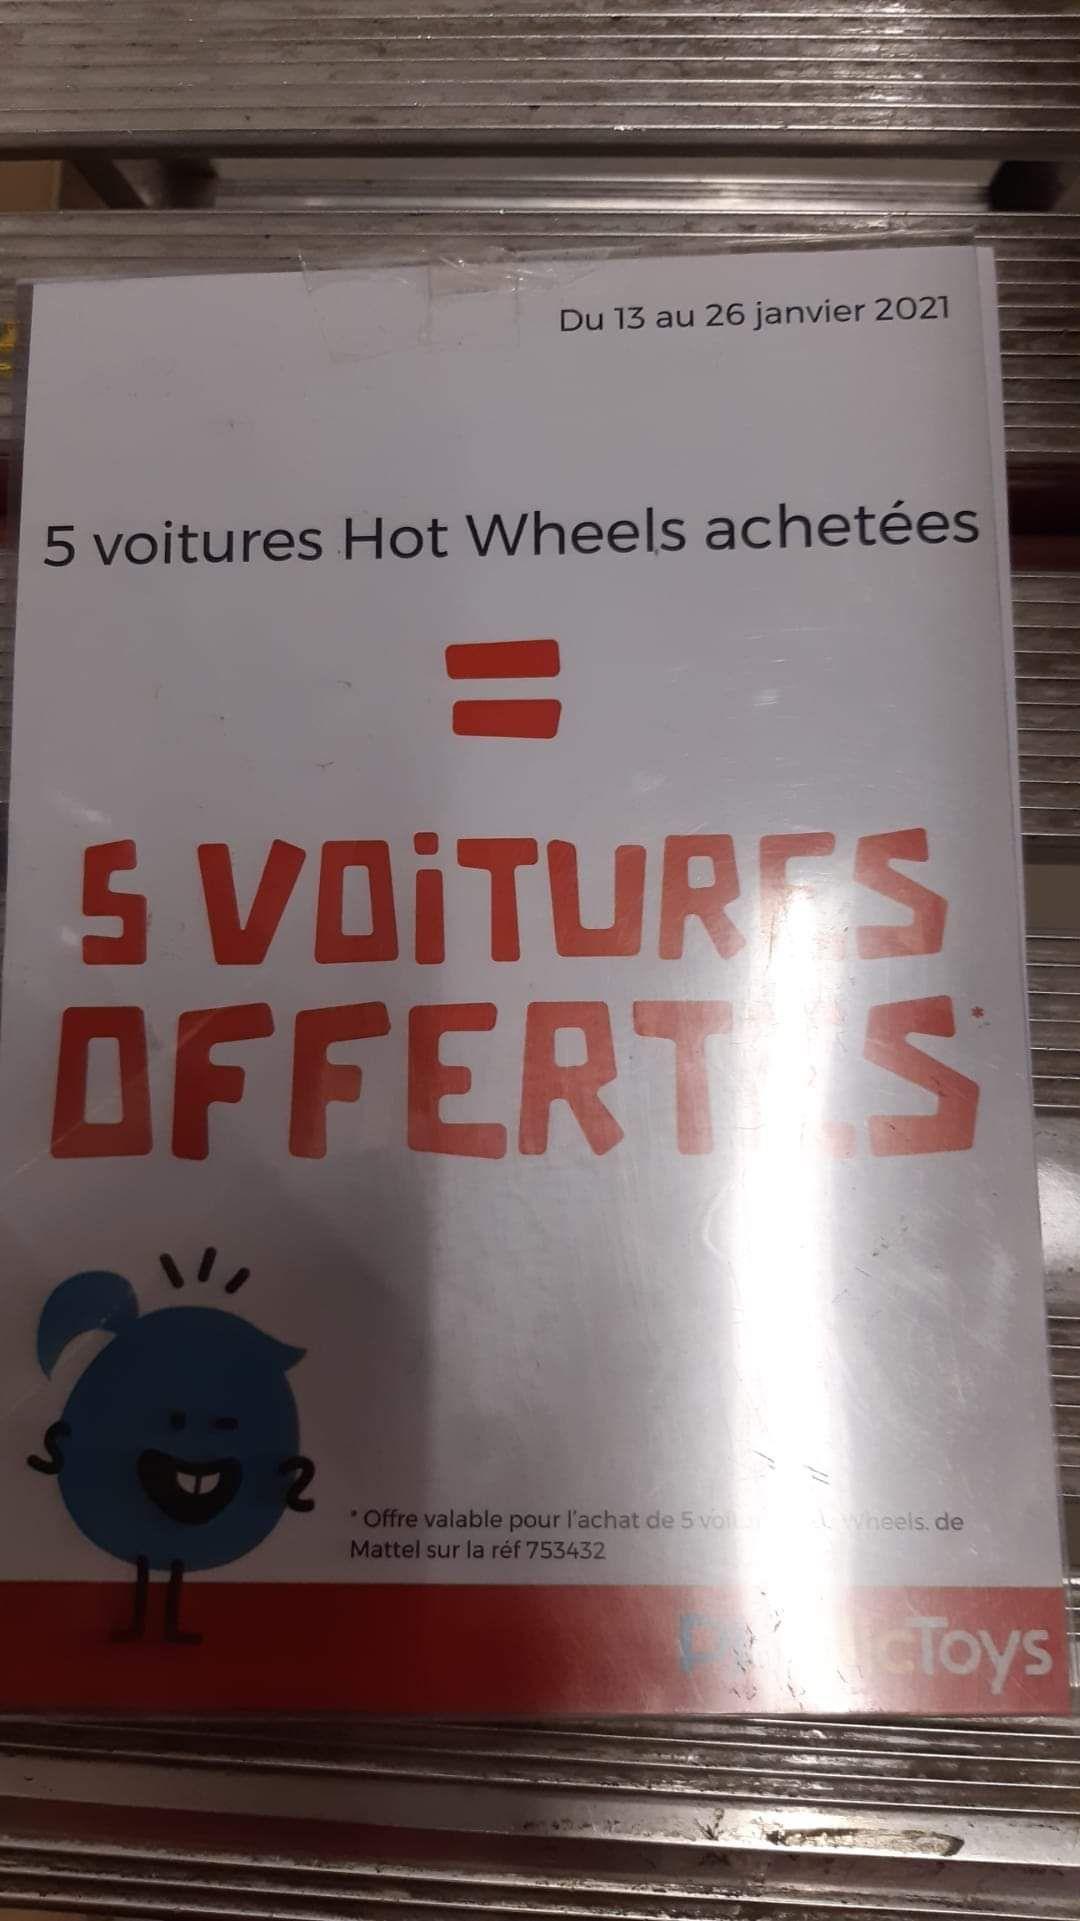 5 voitures hot wheels achetées =5 voitures offertes - Thillois (51)